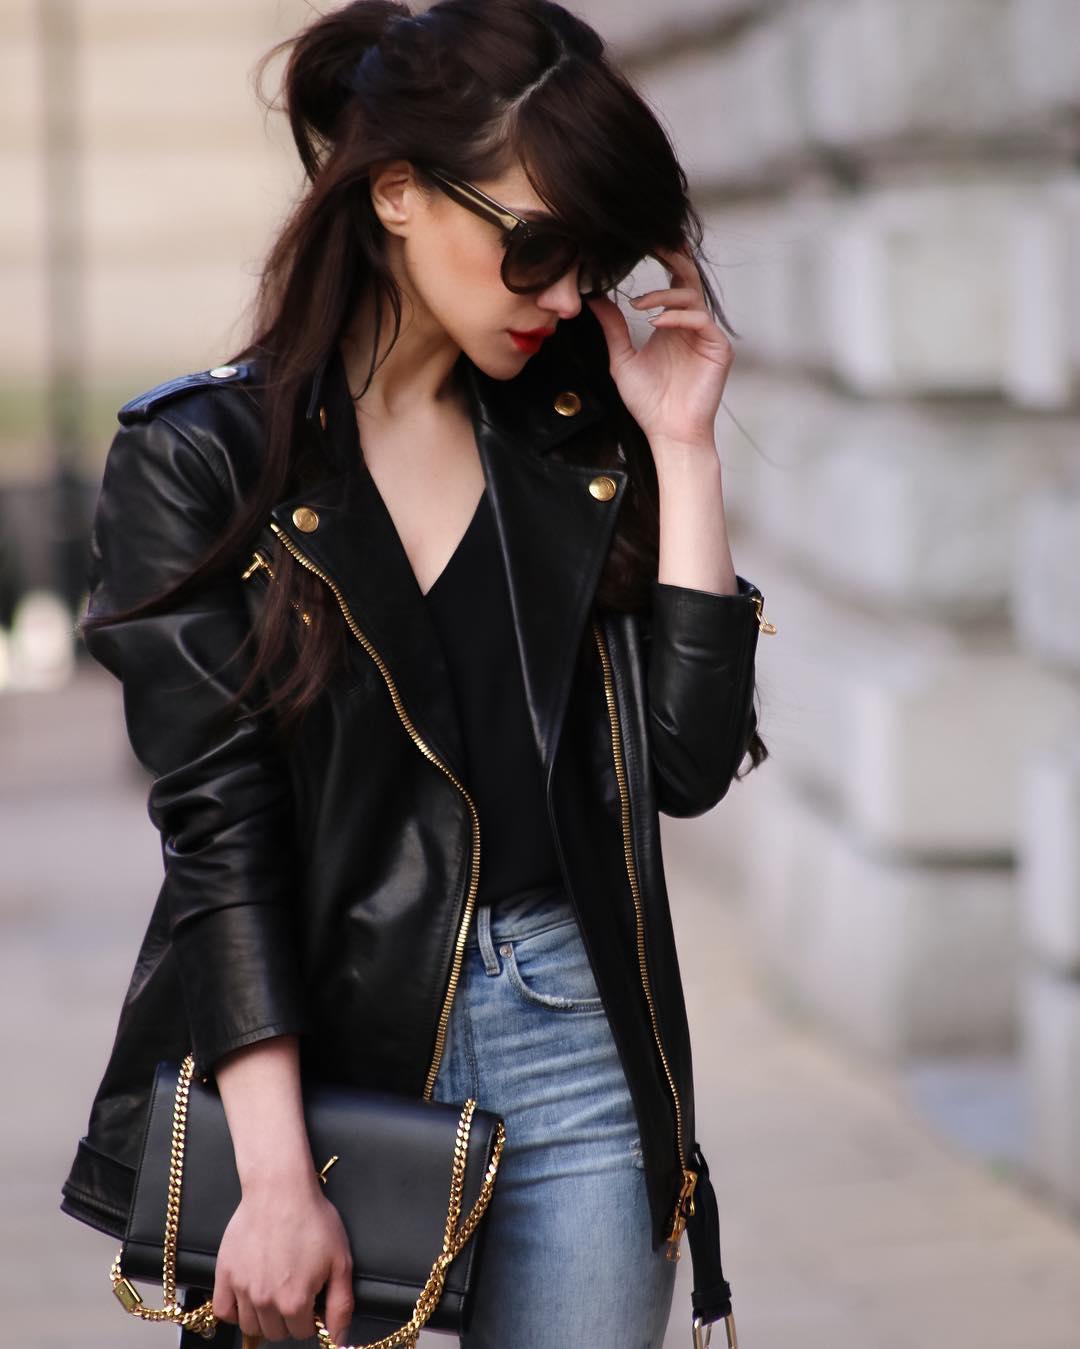 Женская кожаная куртка: Выбираем актуальную модель сезона и создаём модные луки